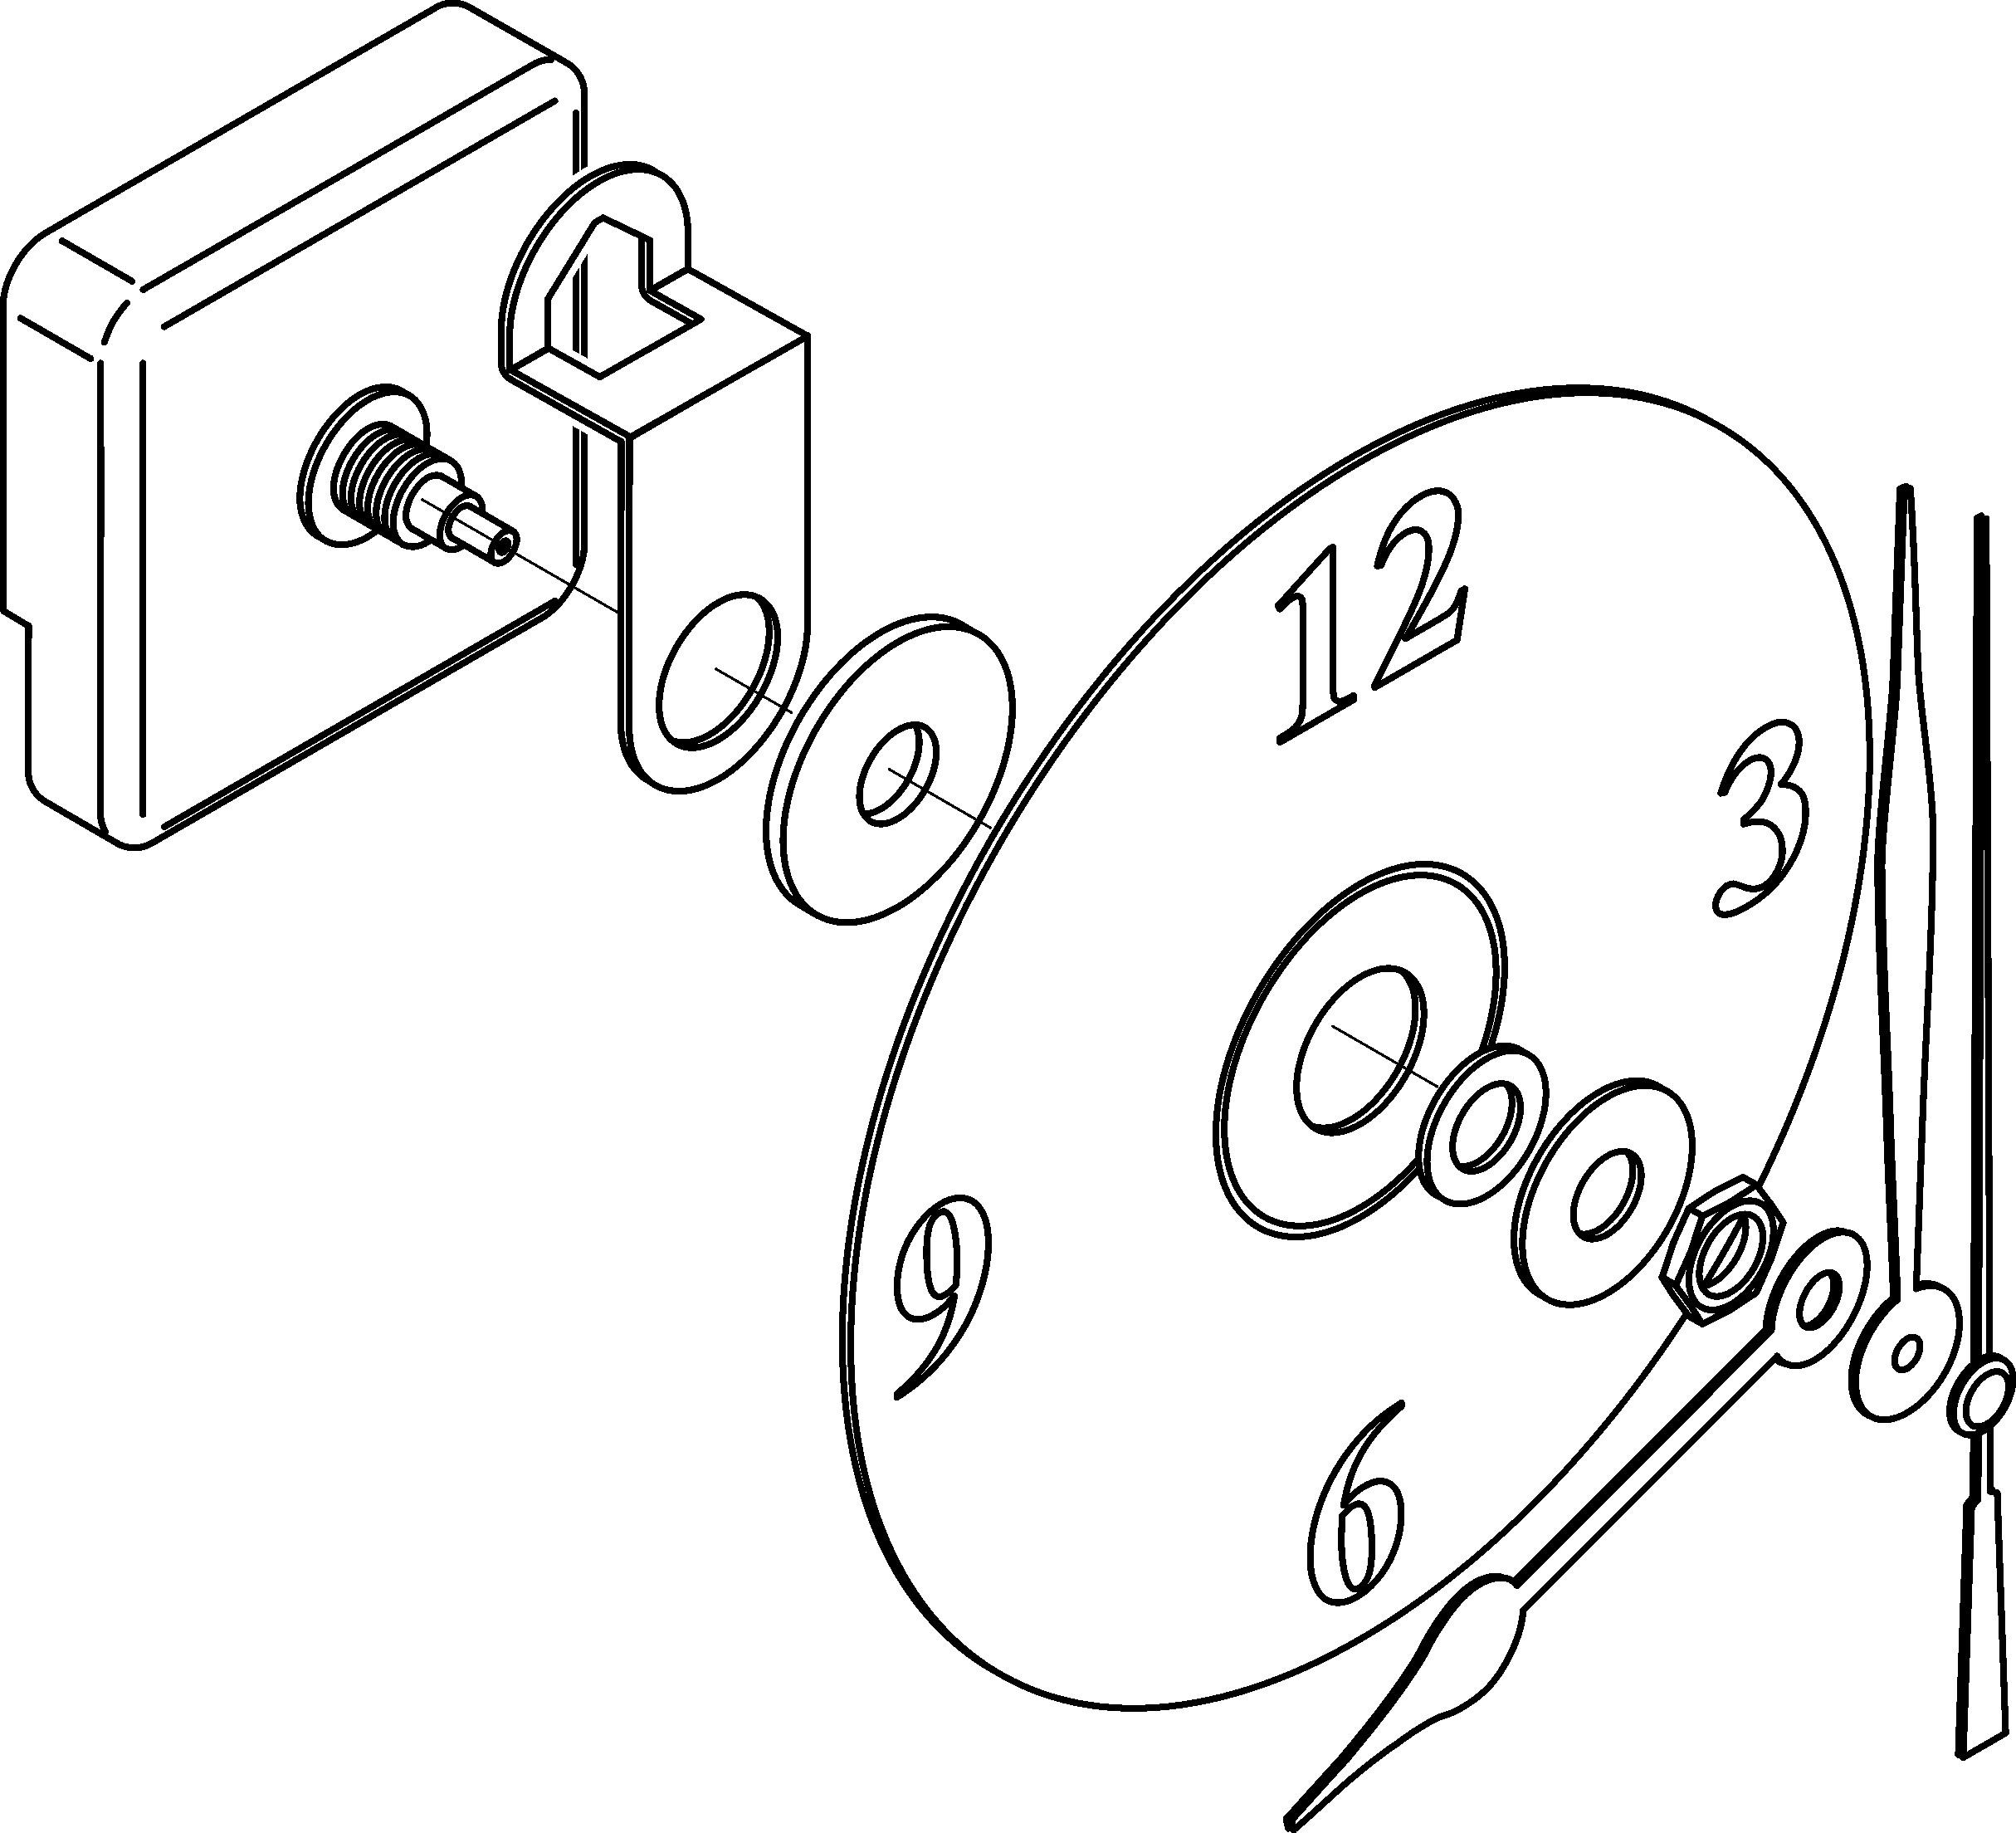 CD_Clock_a_notext_2013-08-14.jpg